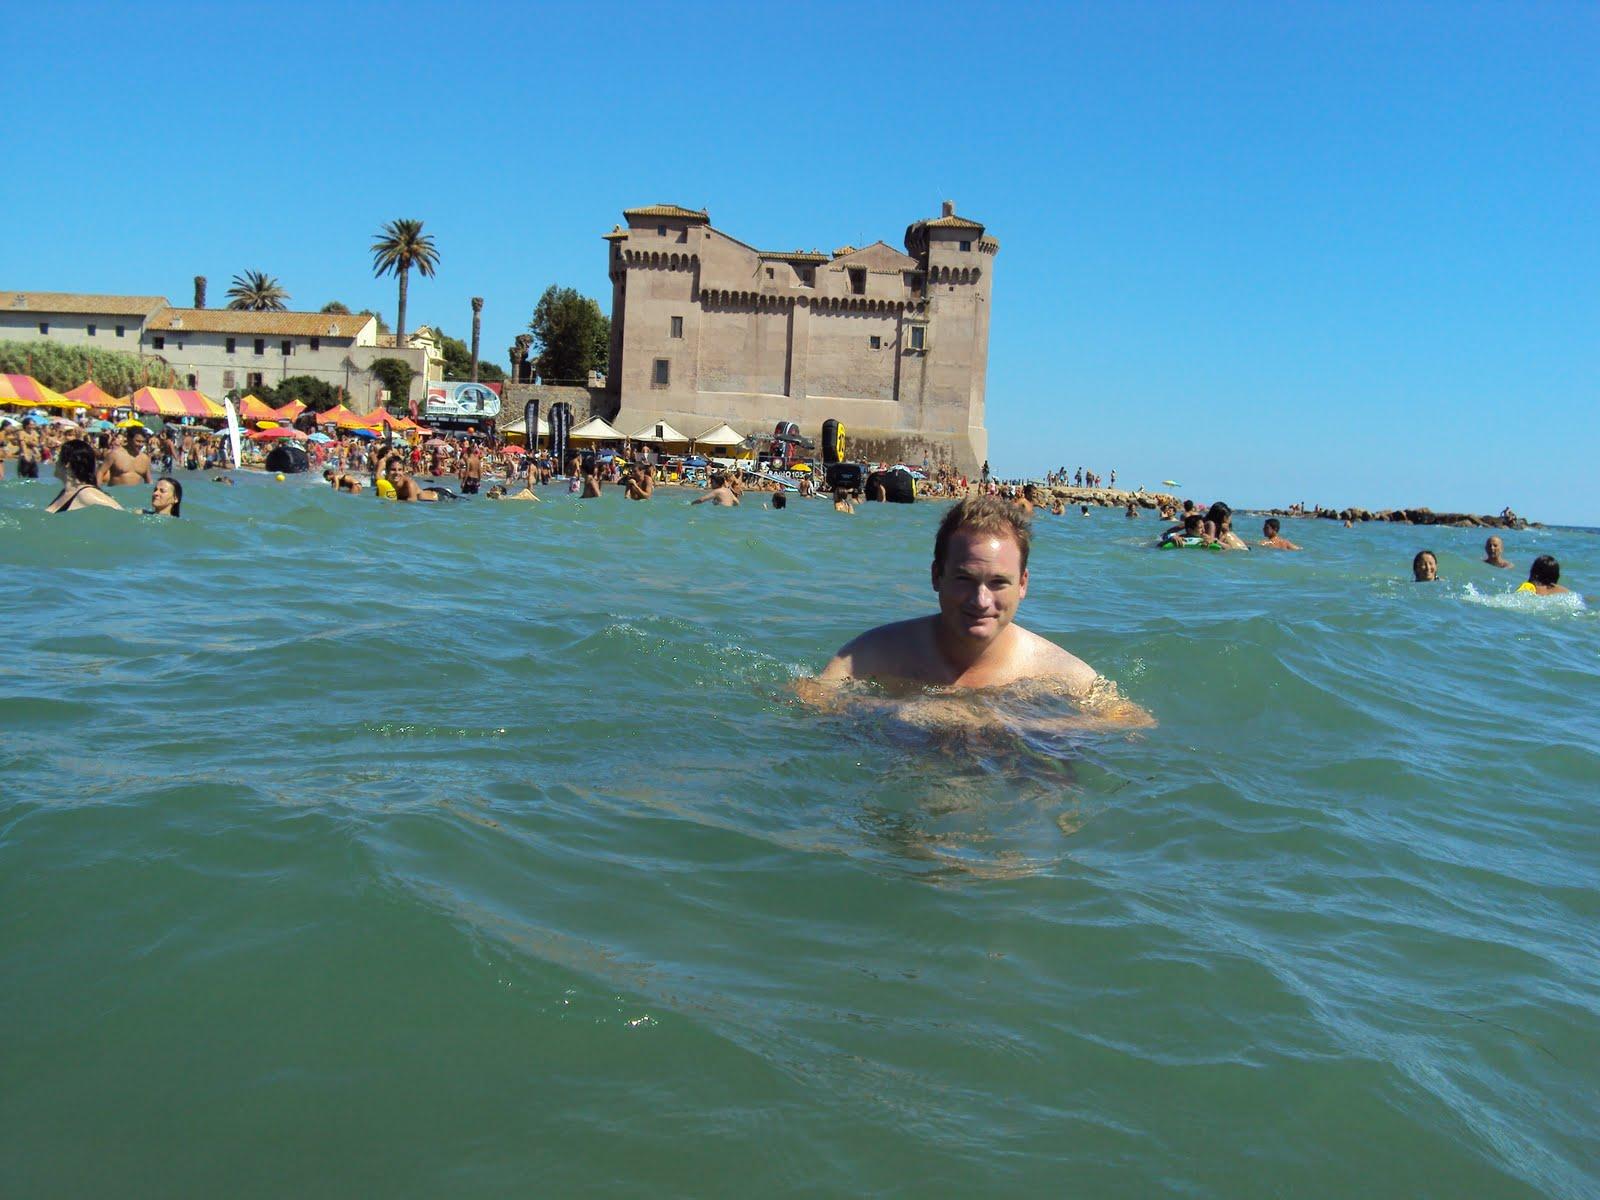 Orbis Catholicus Secundus Rome Beach Of Santa Severa